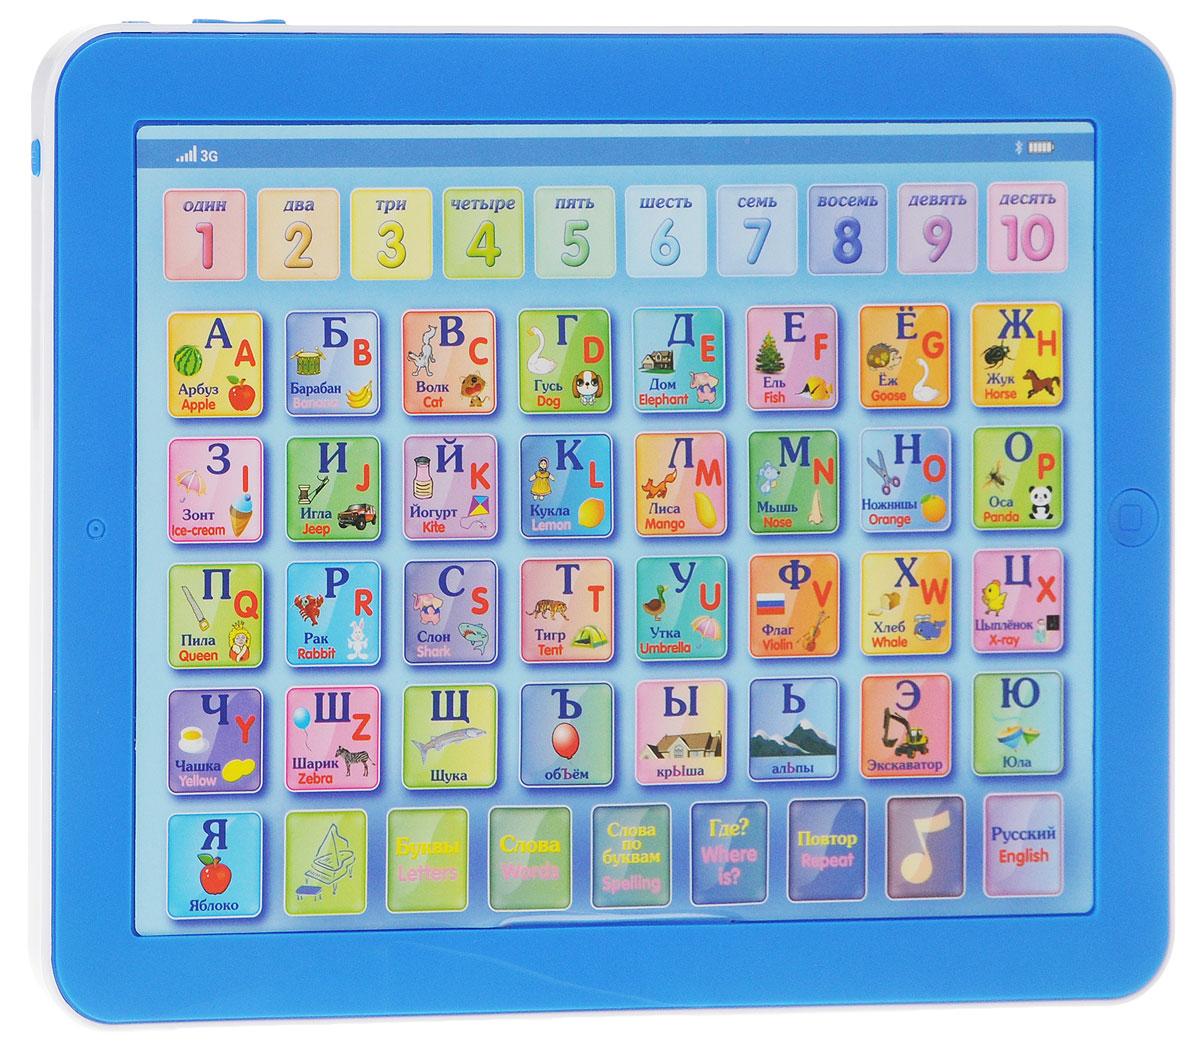 Genio Kids Игрушка электронная развивающая Учим русский и английский82006Электронный планшет Genio Kids Учим русский и английский в игровой увлекательной форме поможет освоить малышам буквы, научит их правильно писать слова. А для отдыха и веселья есть множество веселых мелодий, под которые так здорово танцевать, играть, веселиться! Это суперсовременная игрушка: ведь она учит не только русскому, но и английскому языку. Для работы игрушки необходимы 3 батарейки типа АА напряжением 1,5V (товар комплектуется демонстрационными).